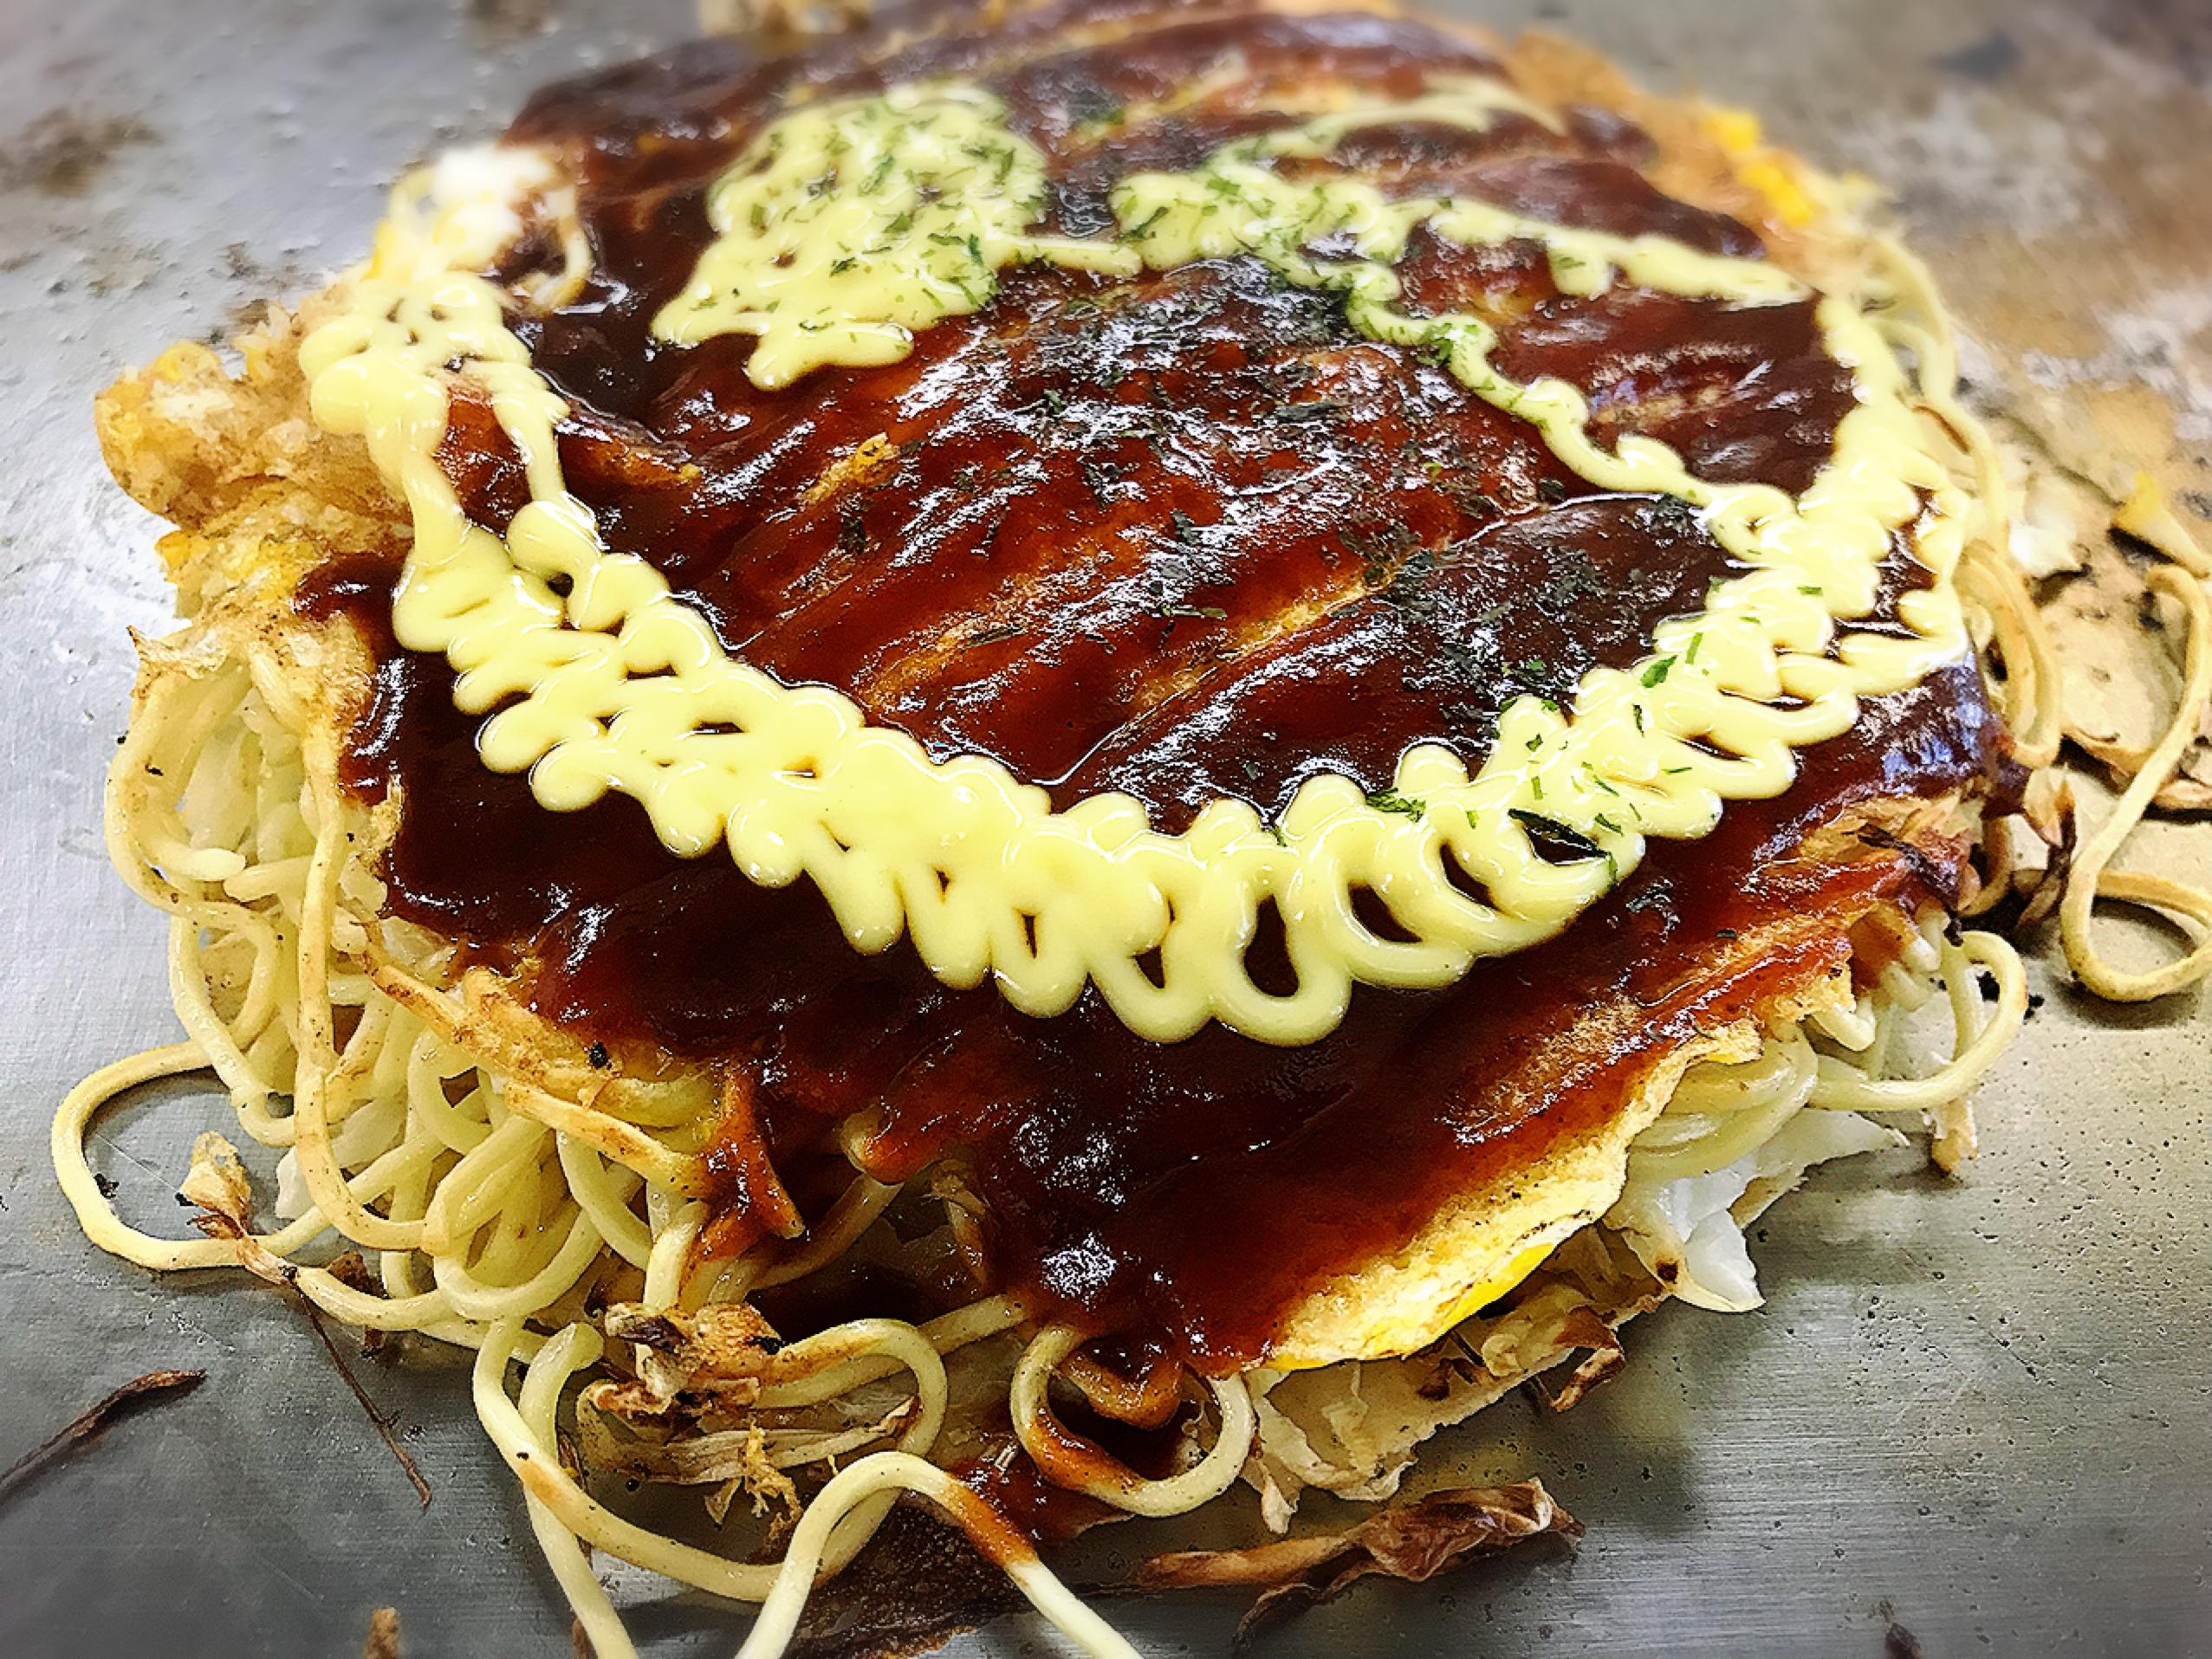 お好み焼きは おたふくのお好みソースと キューピーのマヨネーズで食べたい!